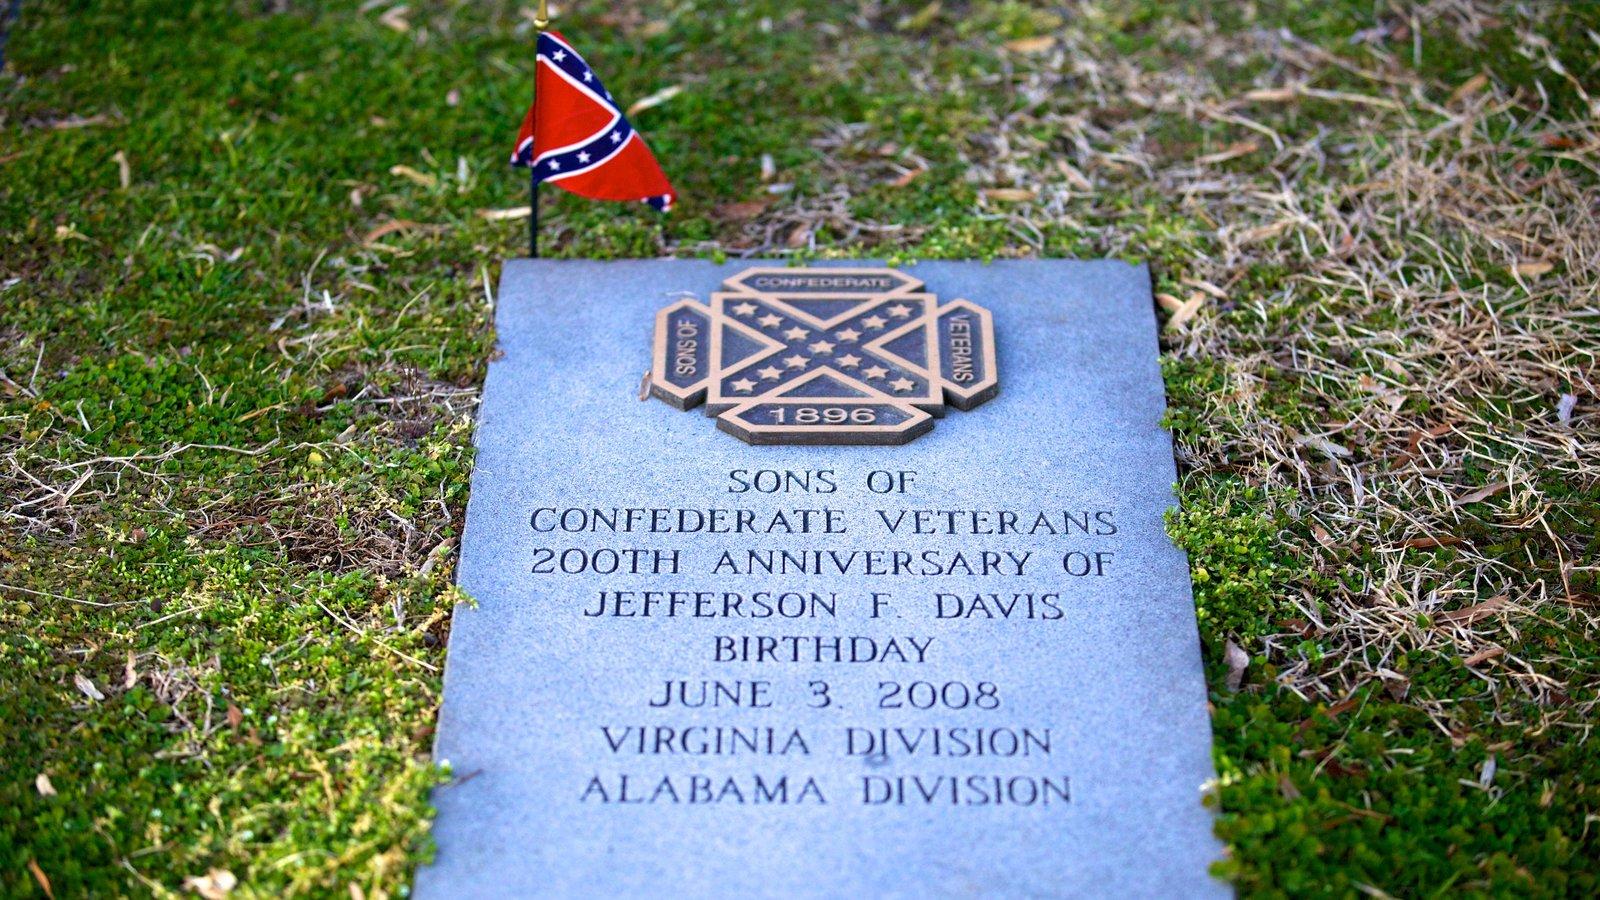 Richmond mostrando um cemitério, um memorial e sinalização